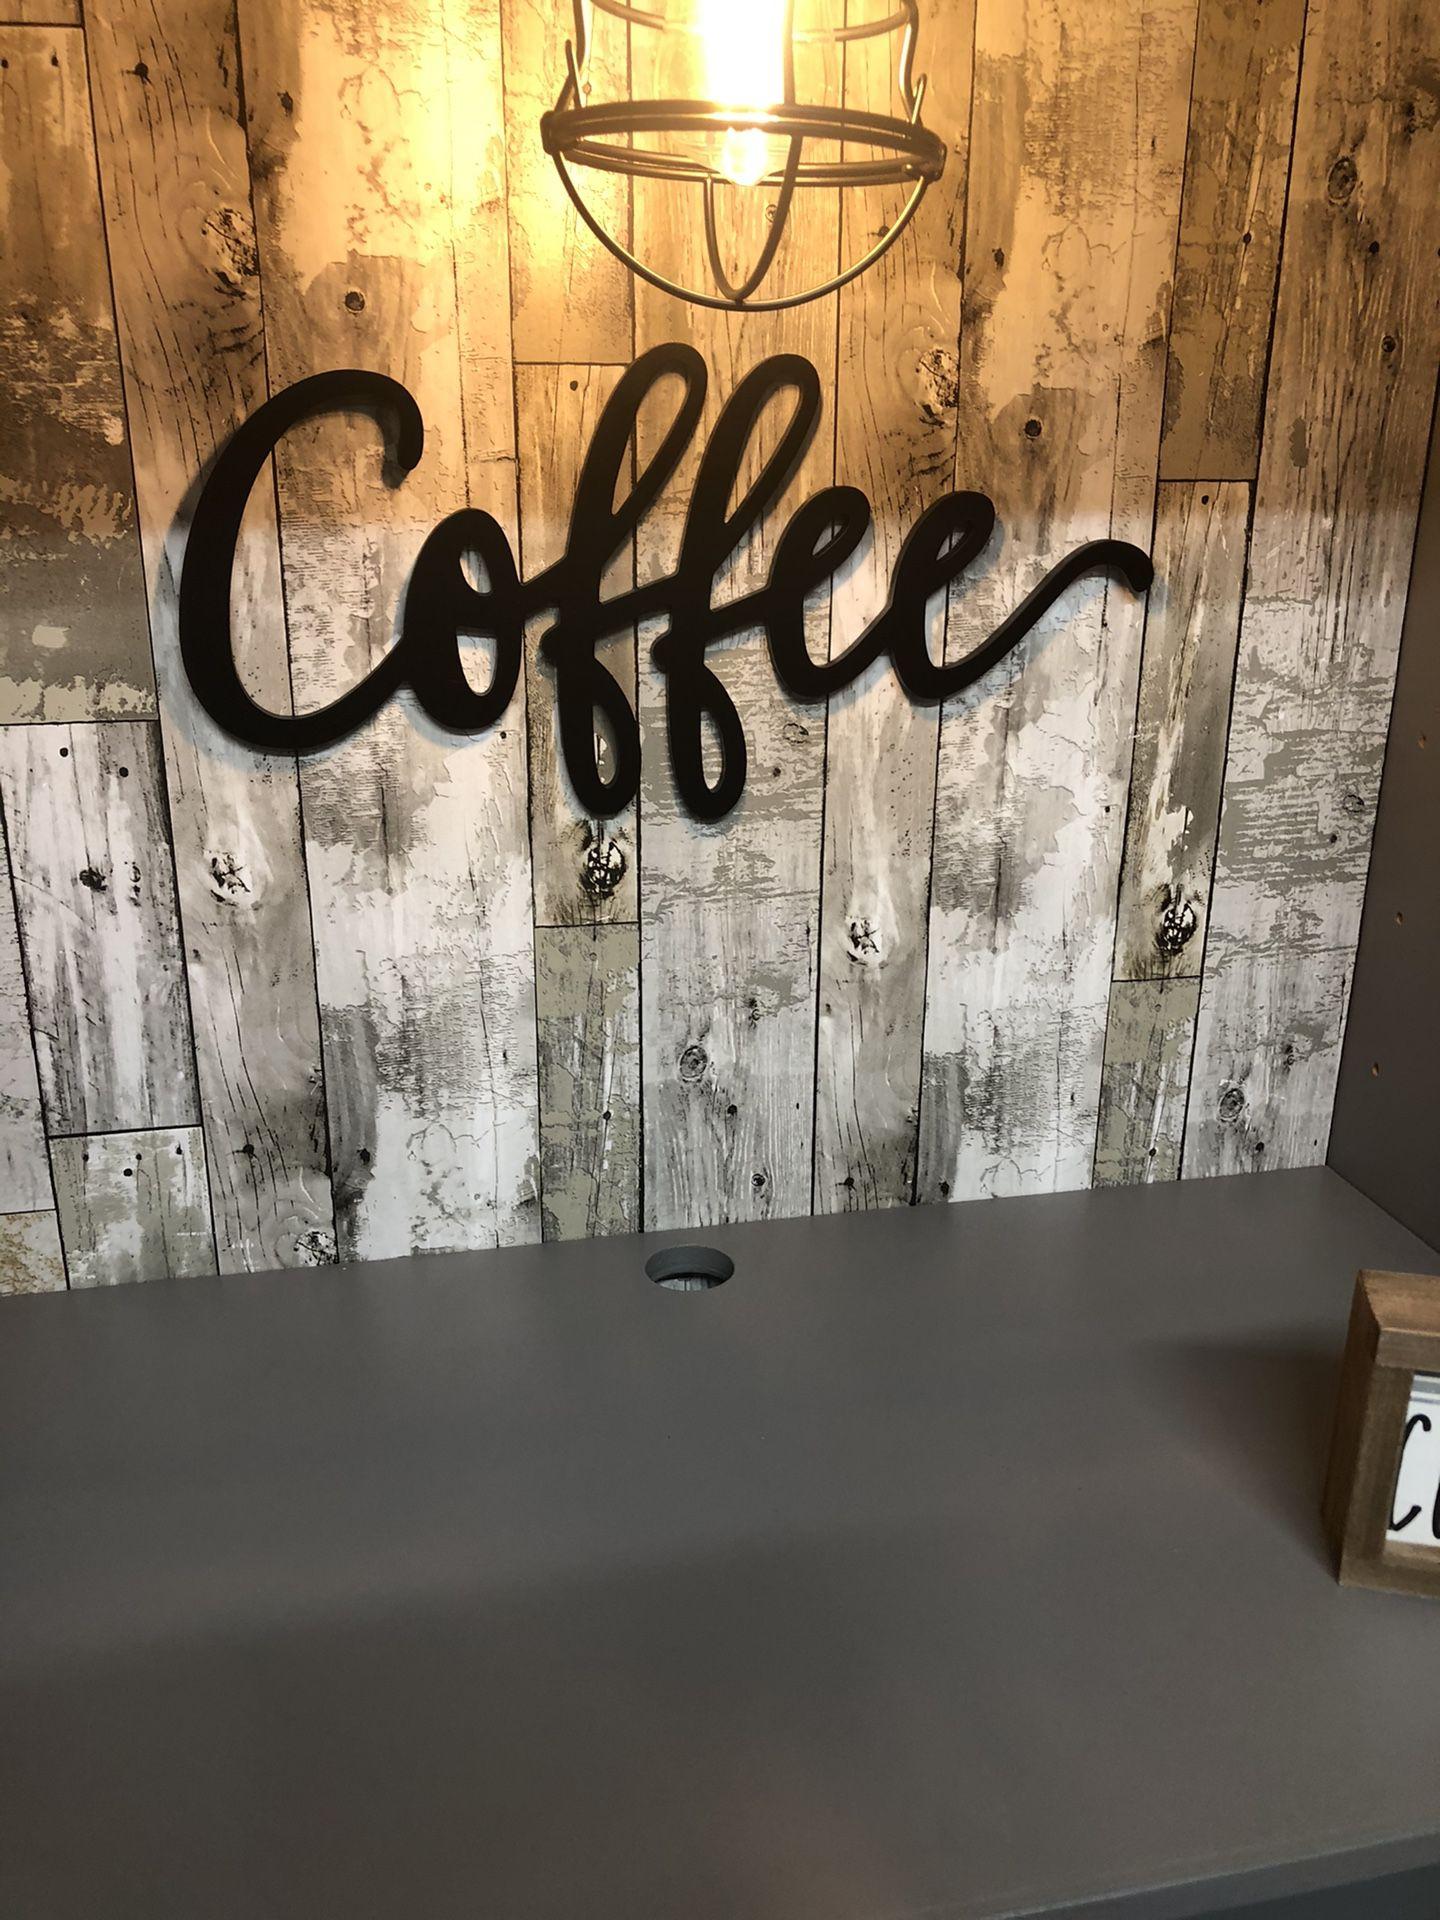 Hutch Coffee bar, coffee station hutch. Reclaimed wood farmhouse decor